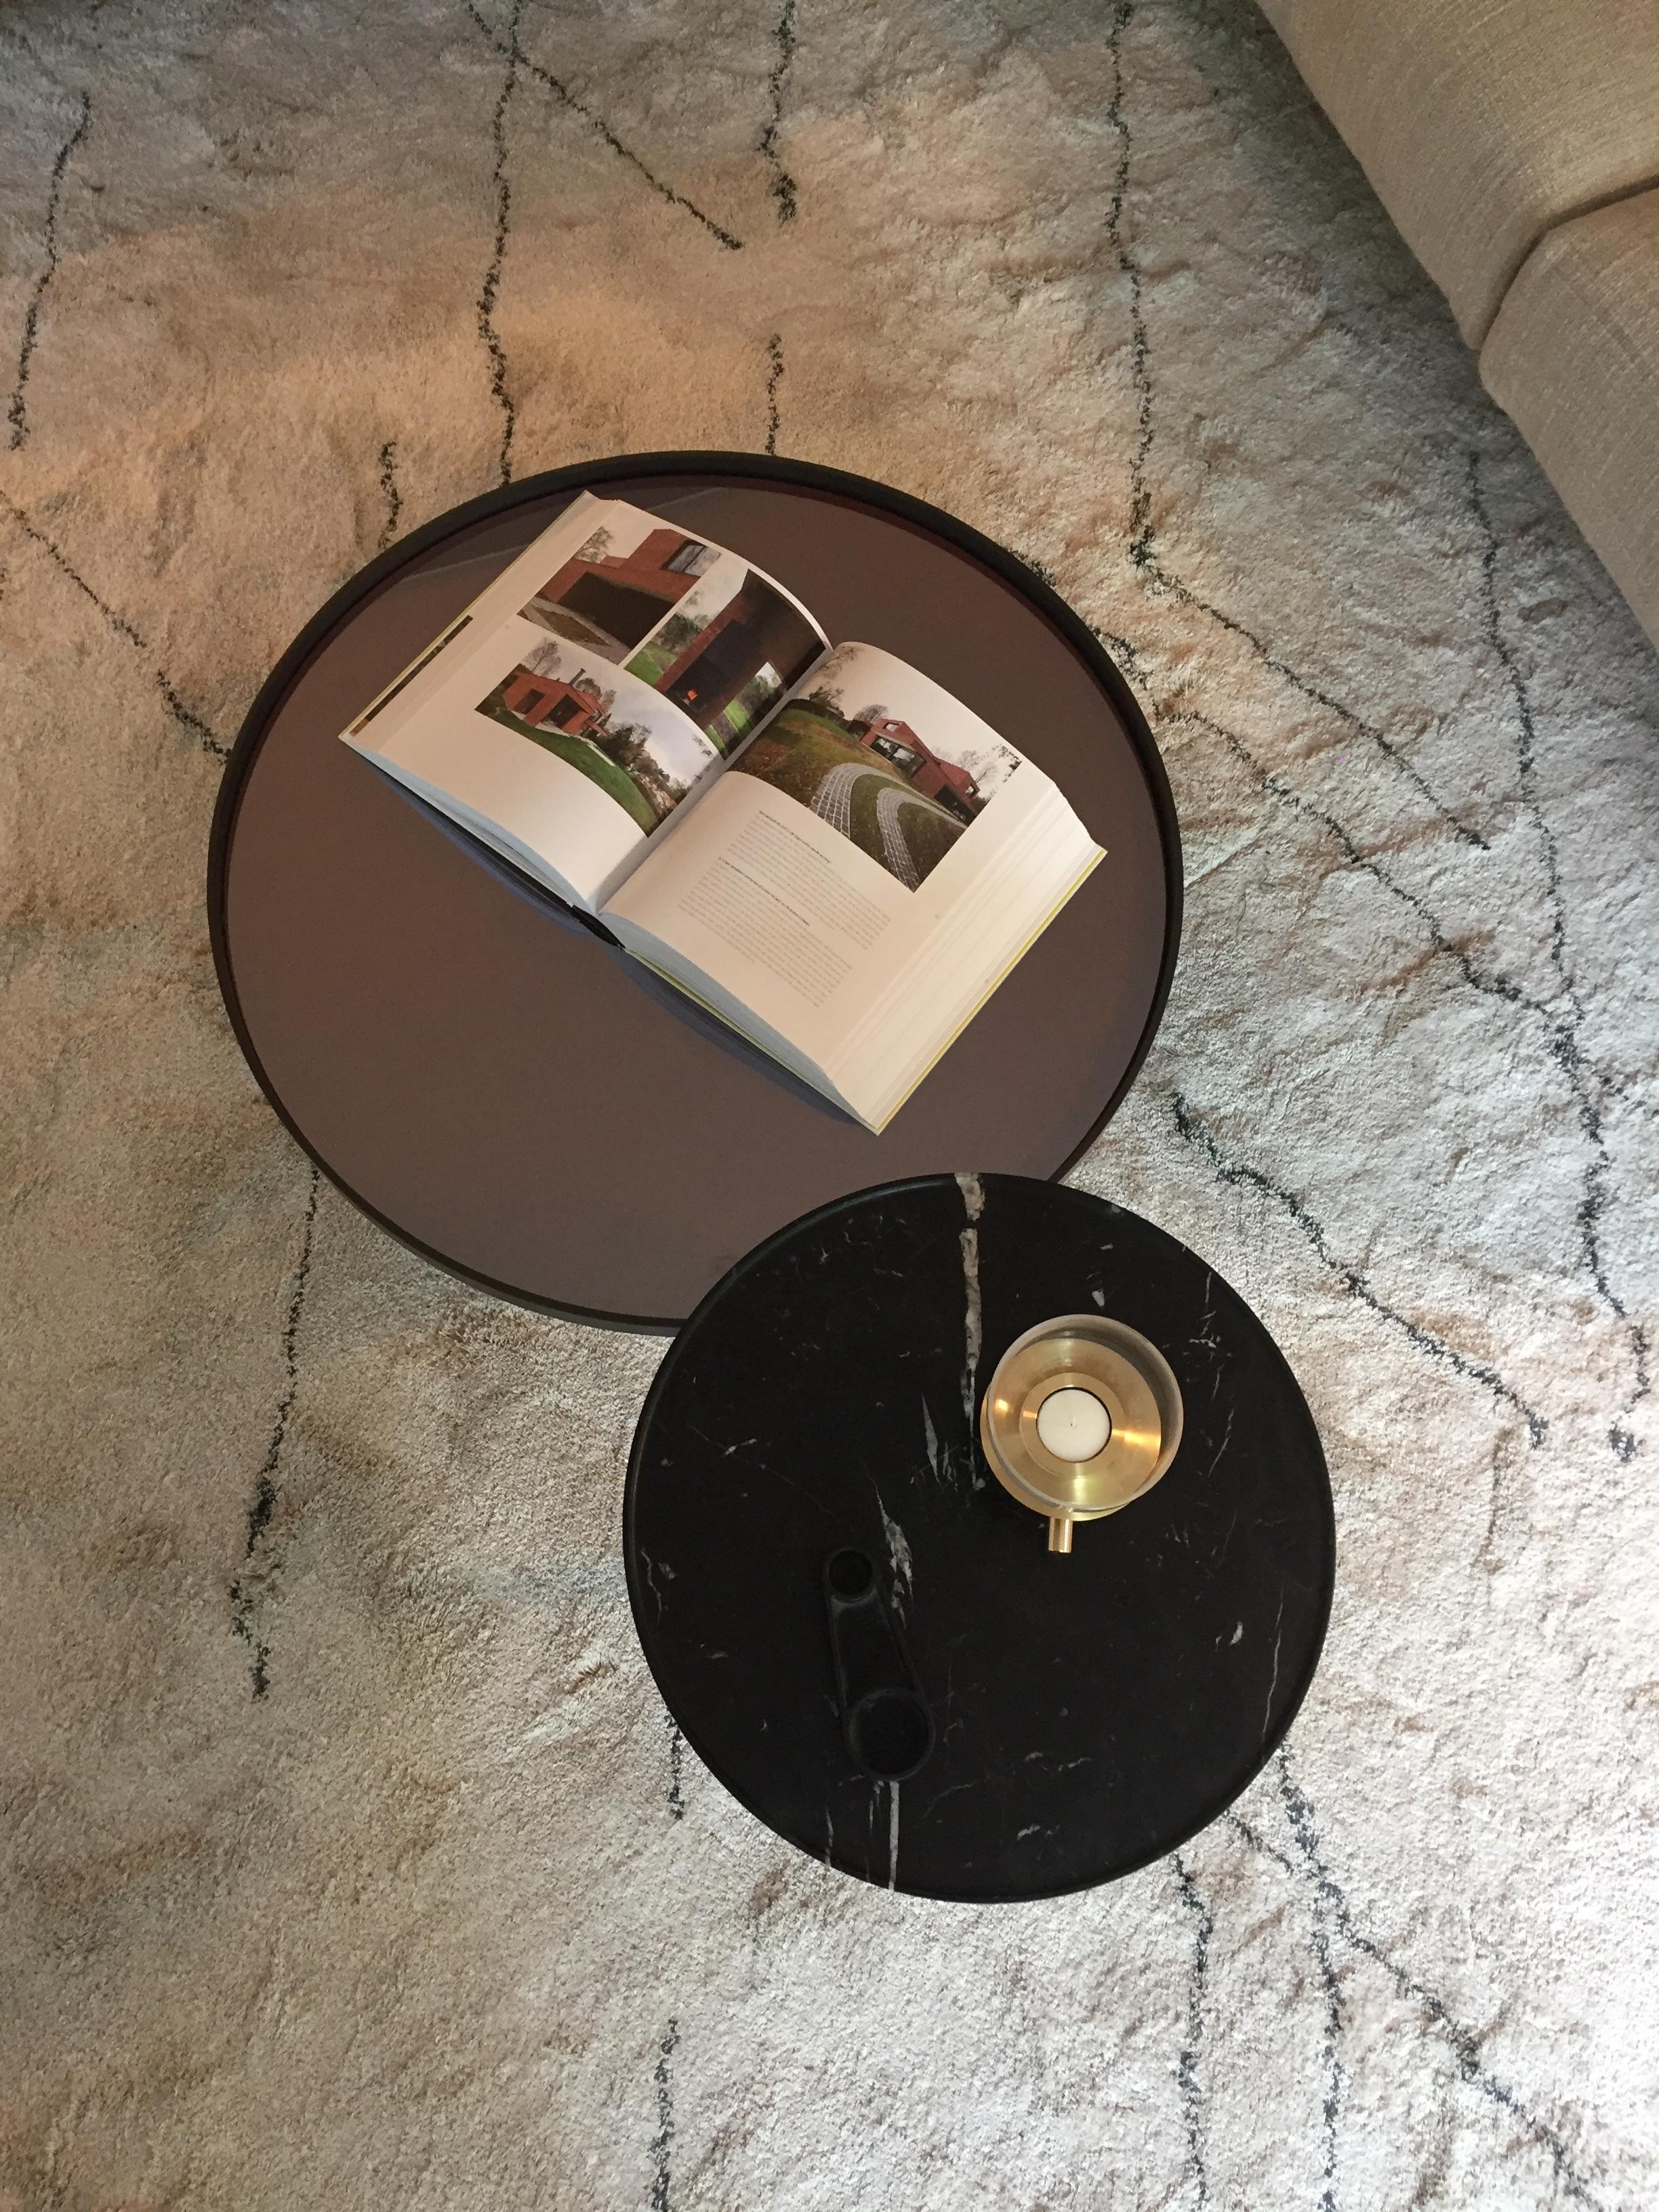 Loncin interieurarchitecten Studio Loncin Residentie in Limburg design huis design meubels 1.JPG